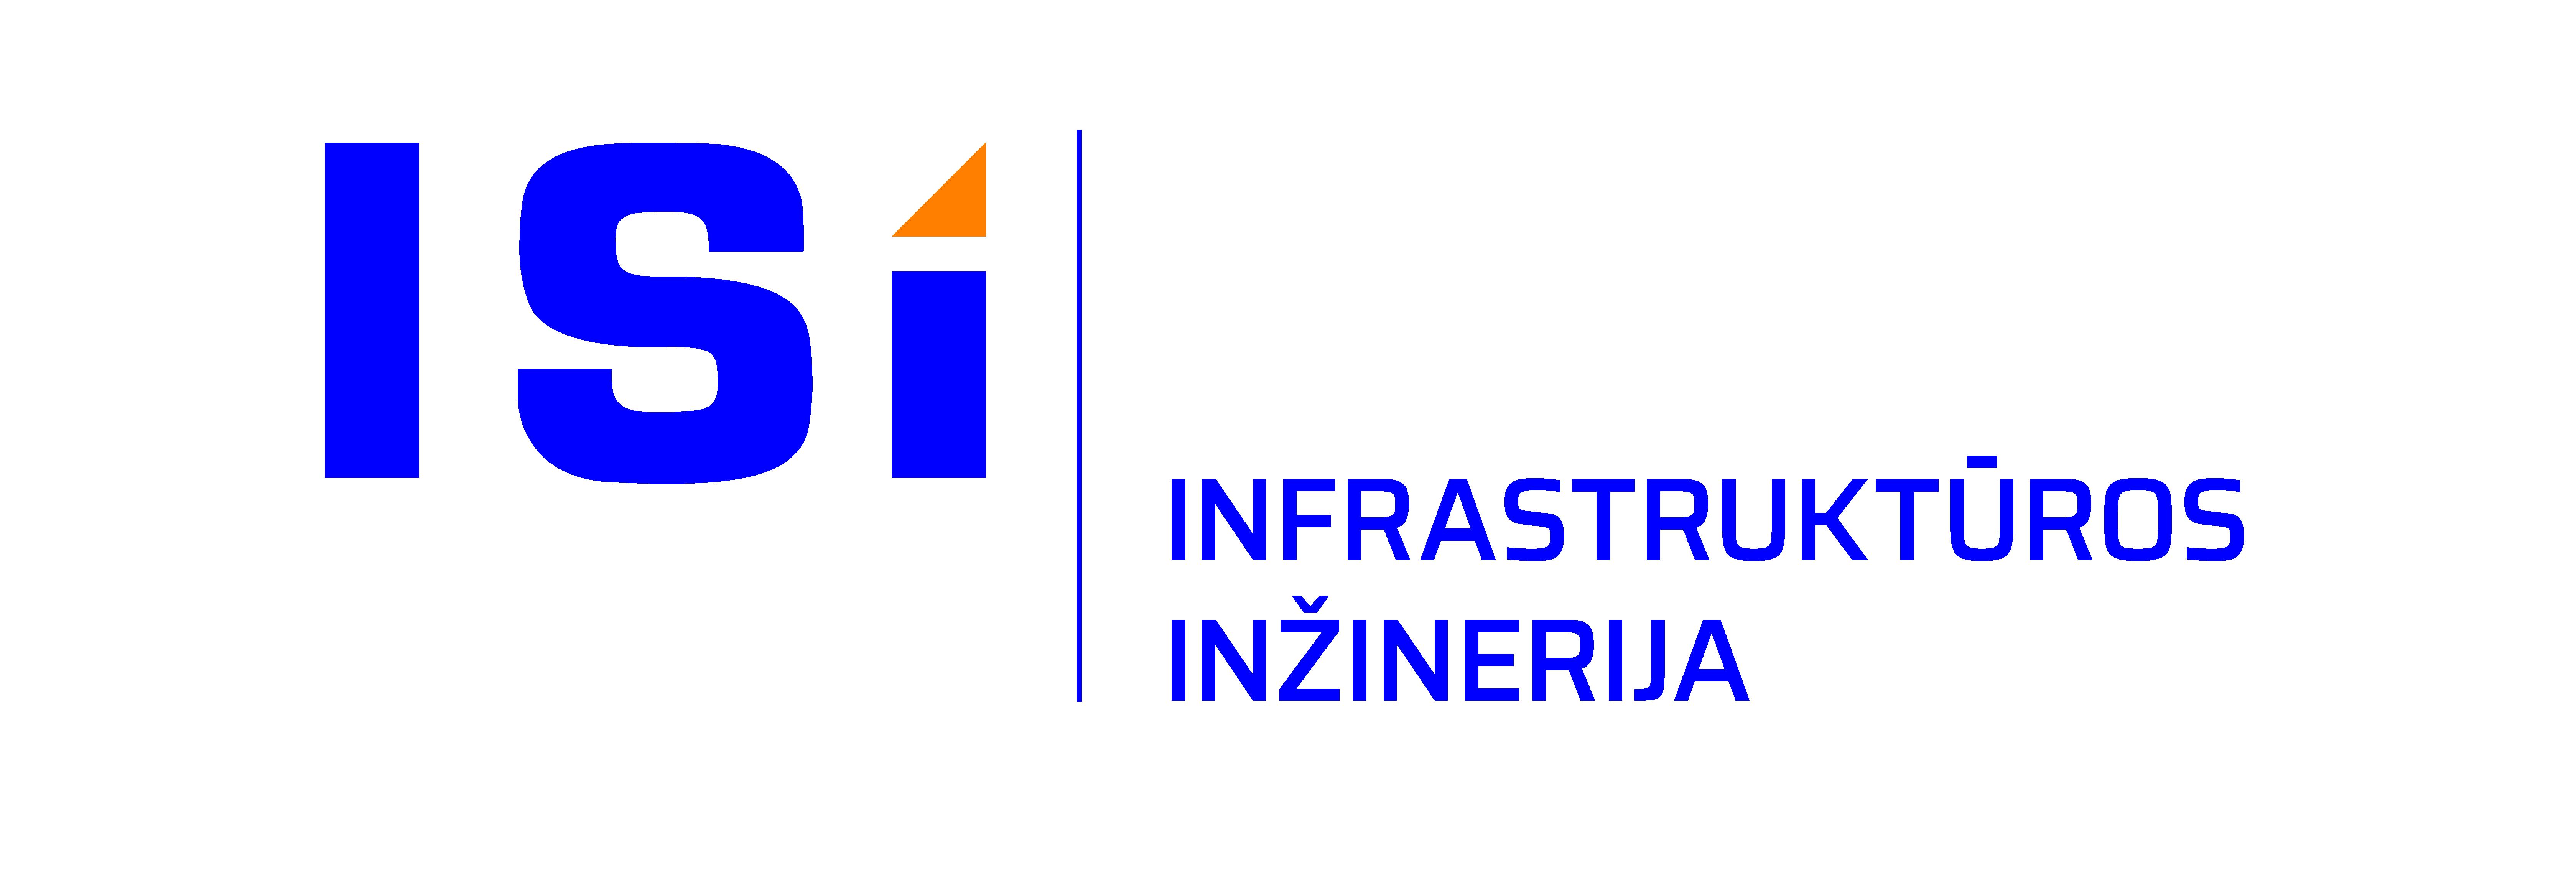 Infrastruktūros inžinerija